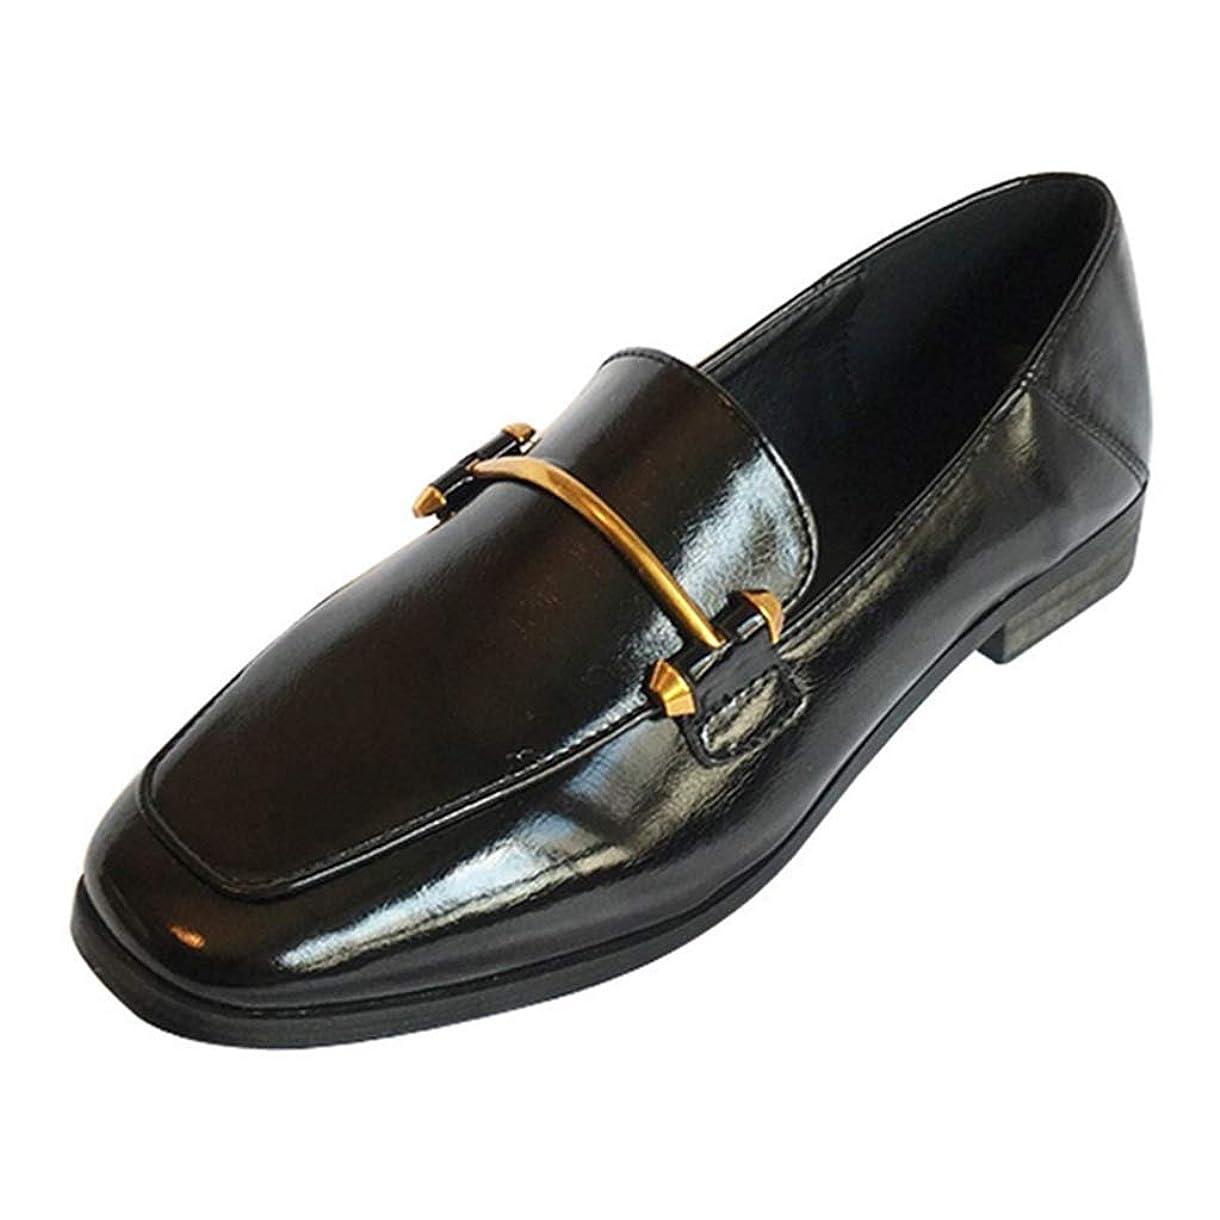 猫背間違いなく表現[リンゼ] 靴 フラットシューズ レディース ローファー 学生 ローファー レディース トラッドシューズ オジ靴 メタルトリム付き ローファーパンプス 婦人靴 旅行 デート 発表会 ドライビング 入学式 入園式